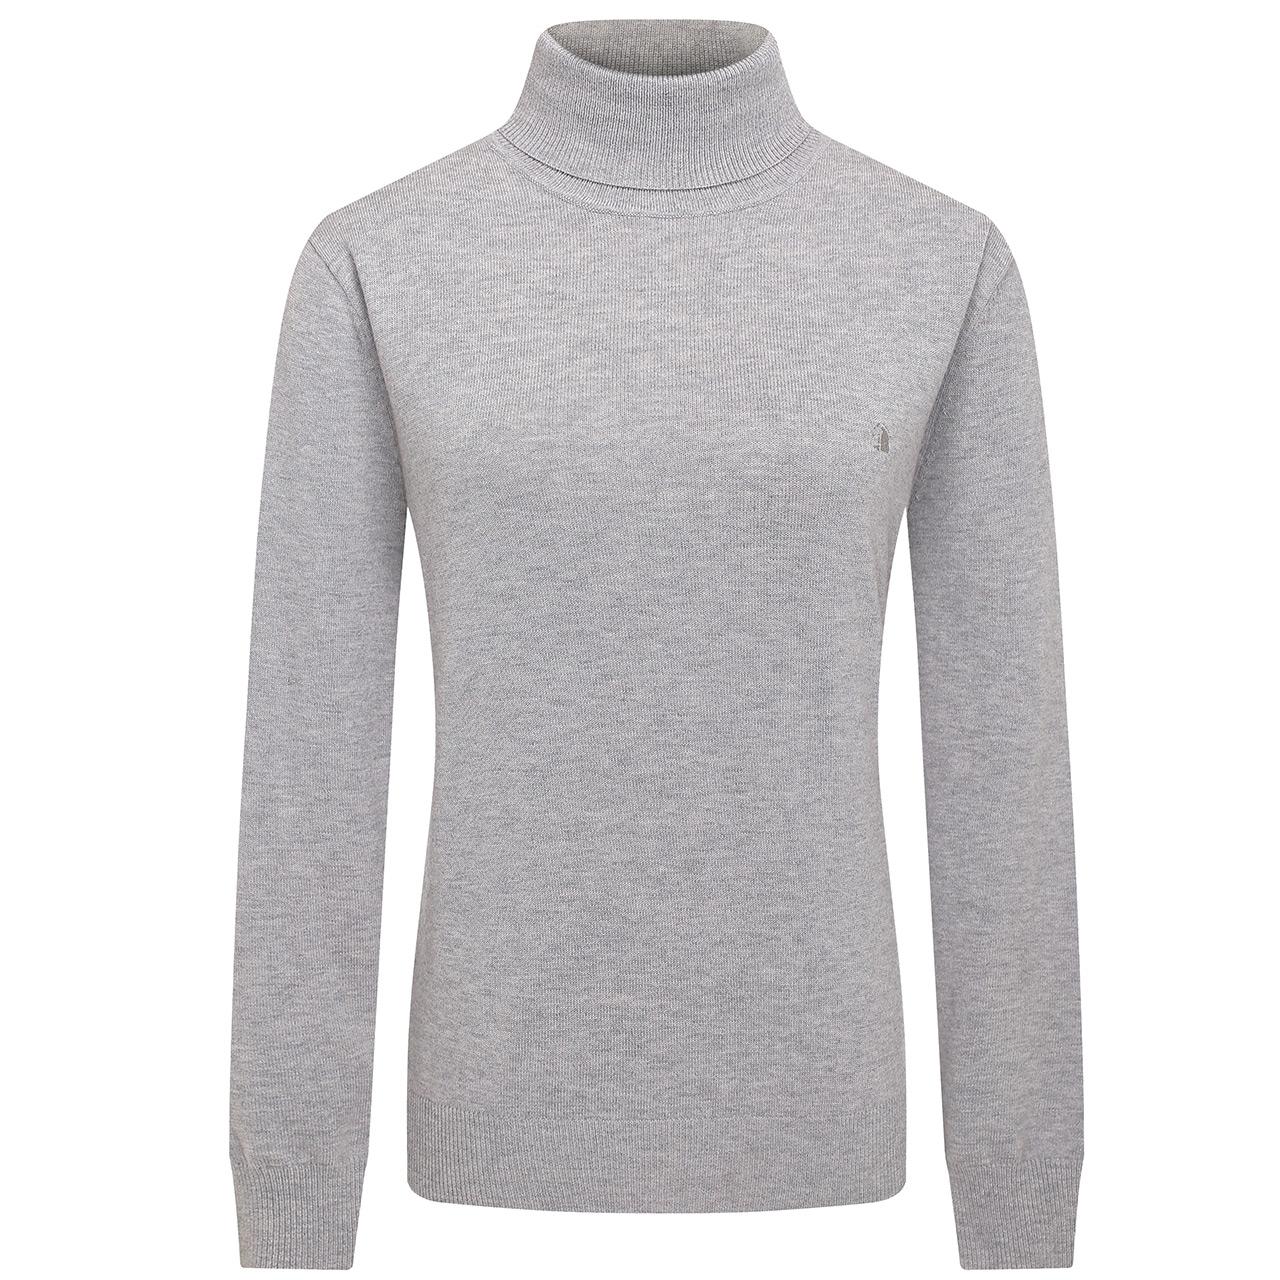 CAMICISSIMA/恺米切秋季新品男士高领羊毛衫 灰色时尚休闲毛衣